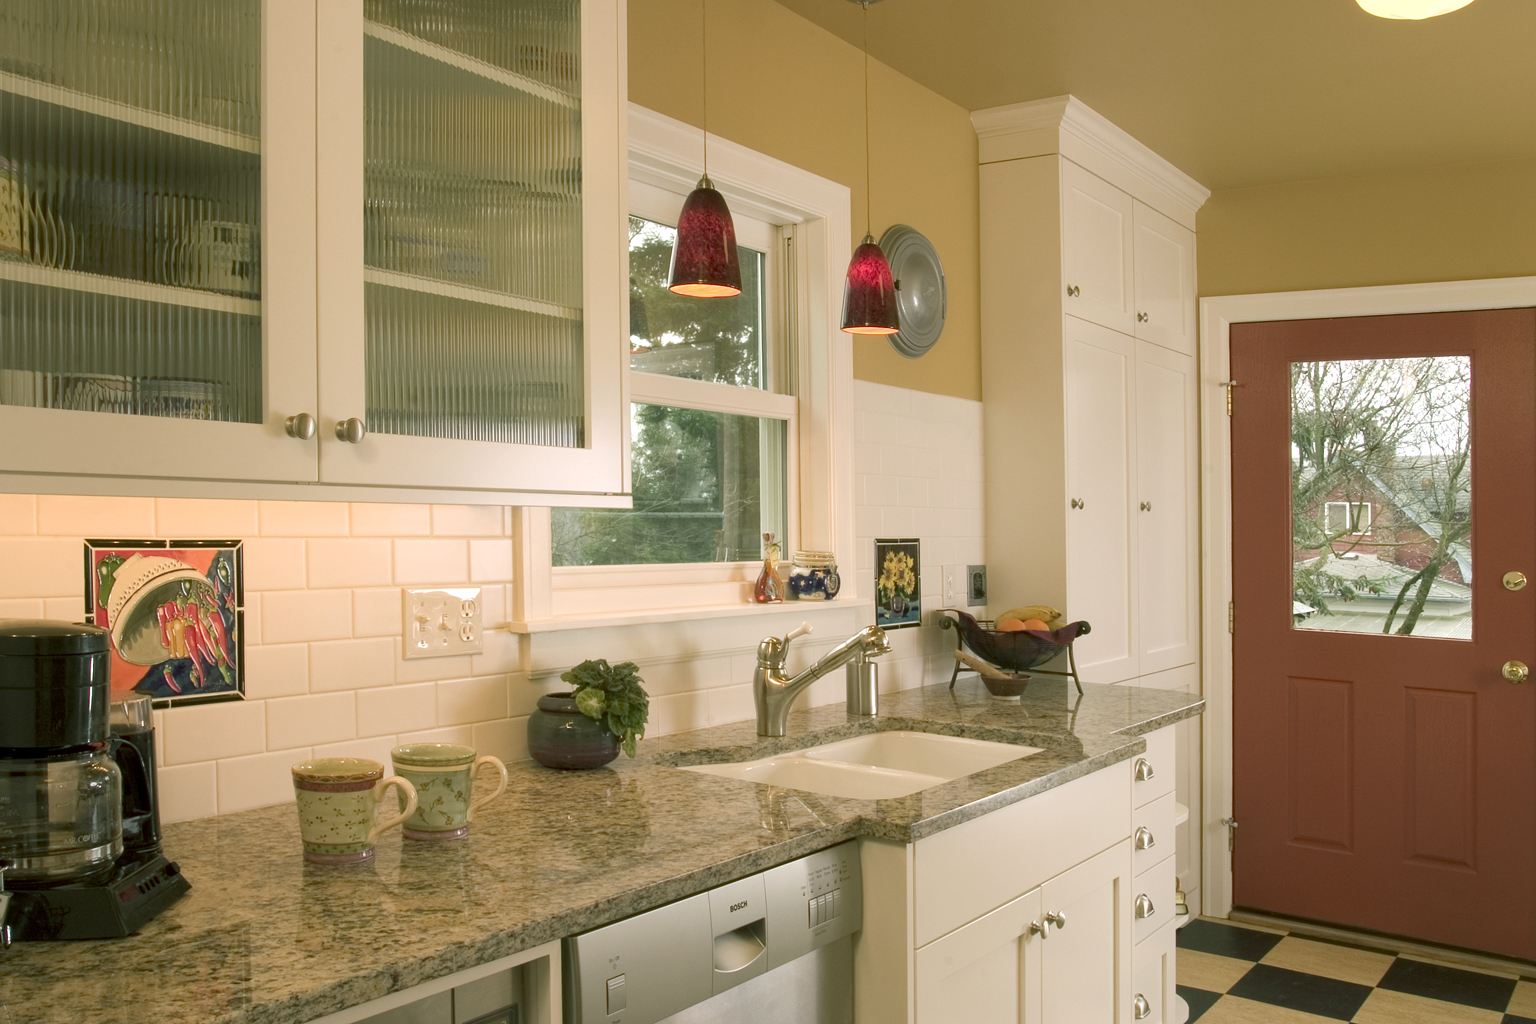 Ballard Bungalow Kitchen 2.jpg